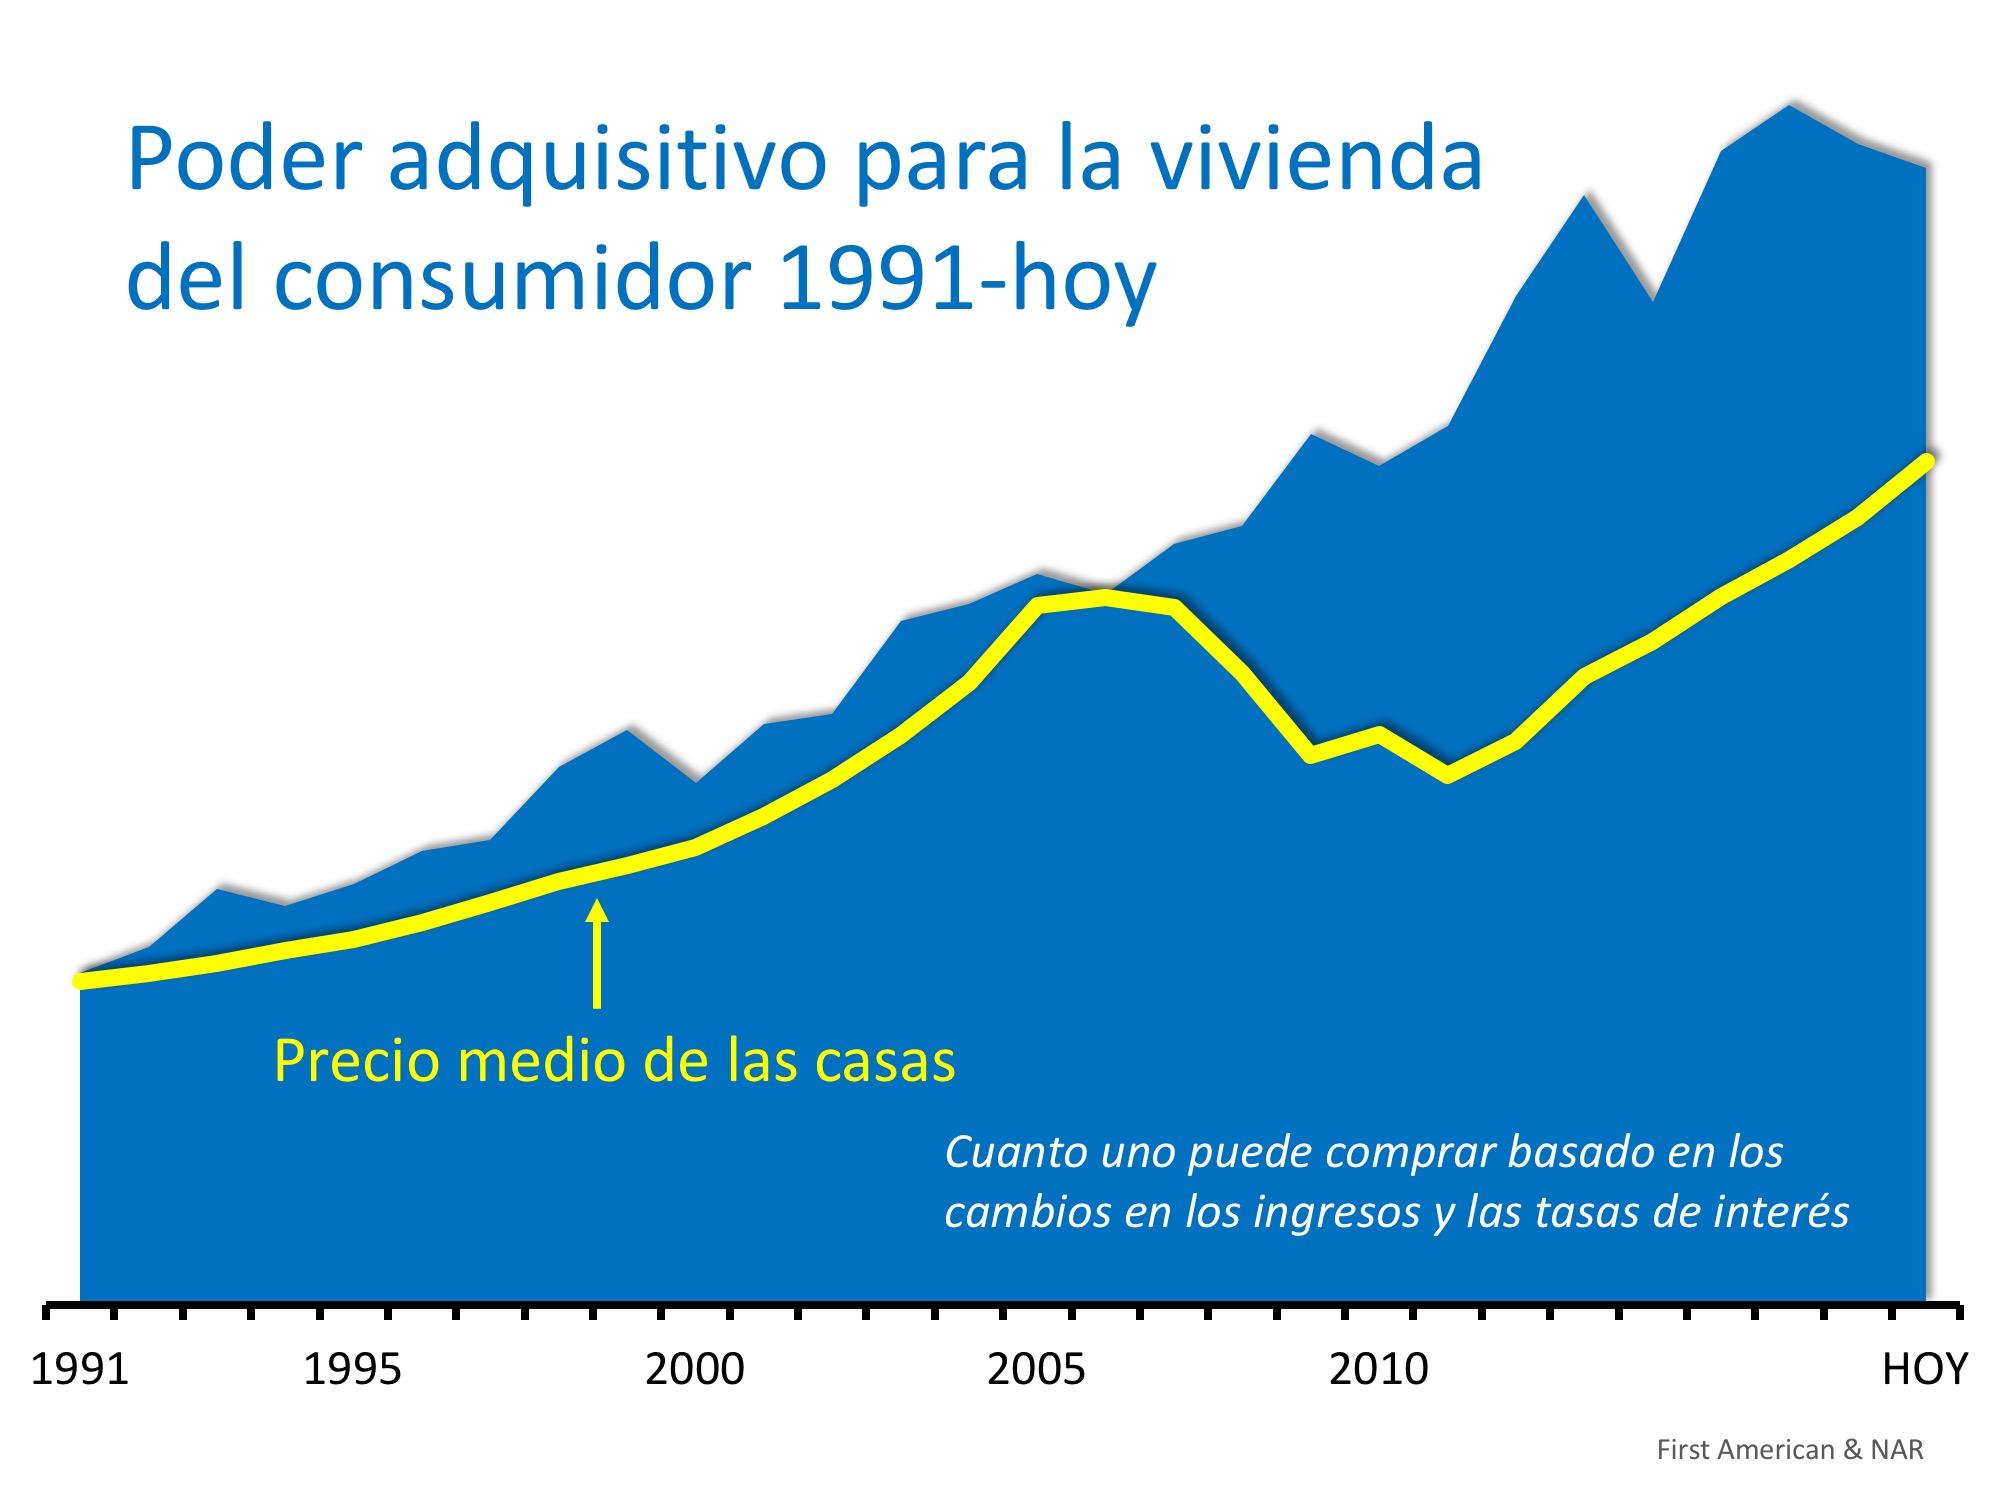 El poder adquisitivo para la vivienda a niveles casi históricos | Simplifying The Market